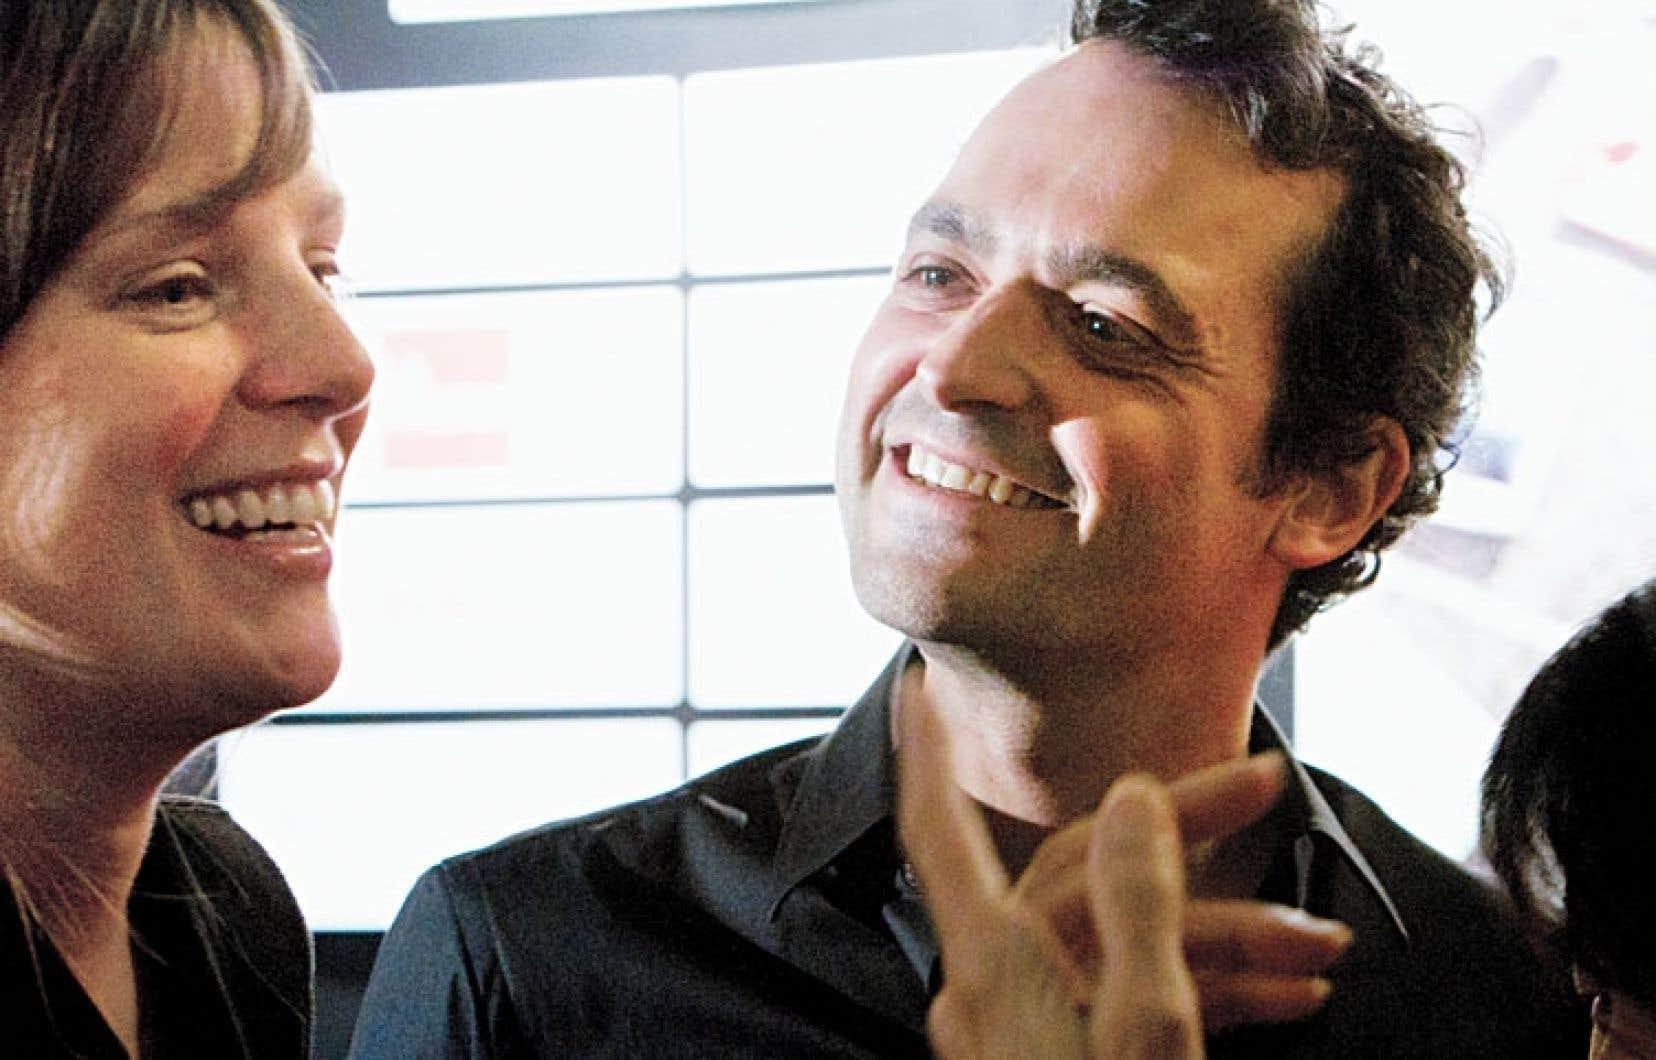 L'auteure Annie-Claude Thériault ainsi que l'auteur et illustrateur Rogé sont parmi les invités d'honneur du Salon du livre de Montréal, qui se tiendra du 20 au 25 novembre.